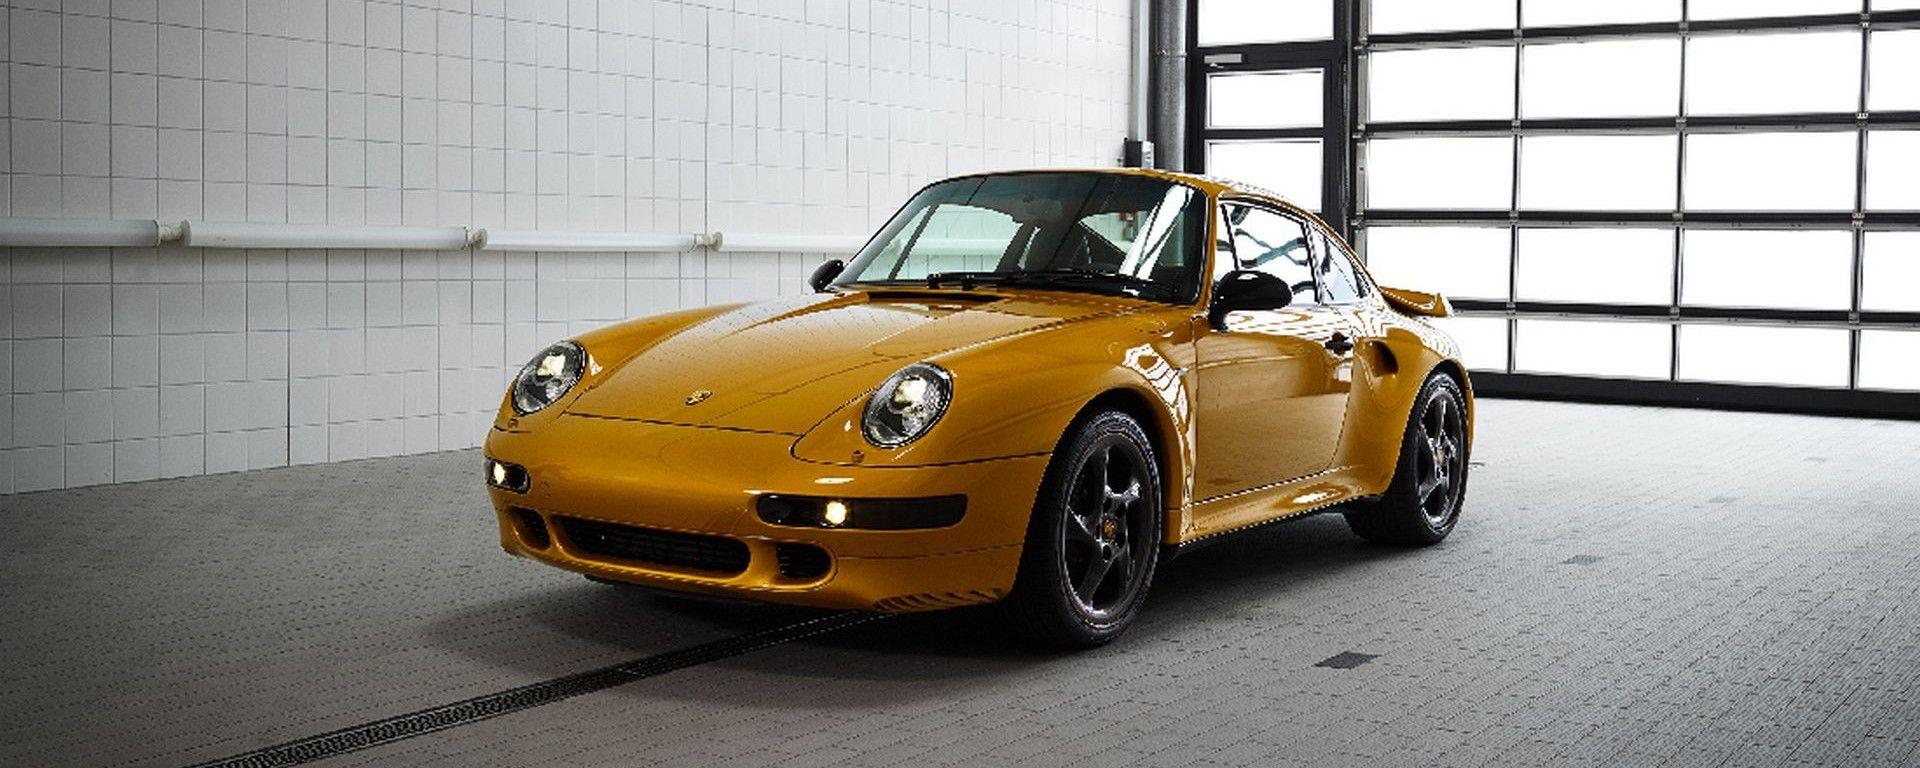 Porsche 911 Project Gold: non può circolare su strada, ecco perché